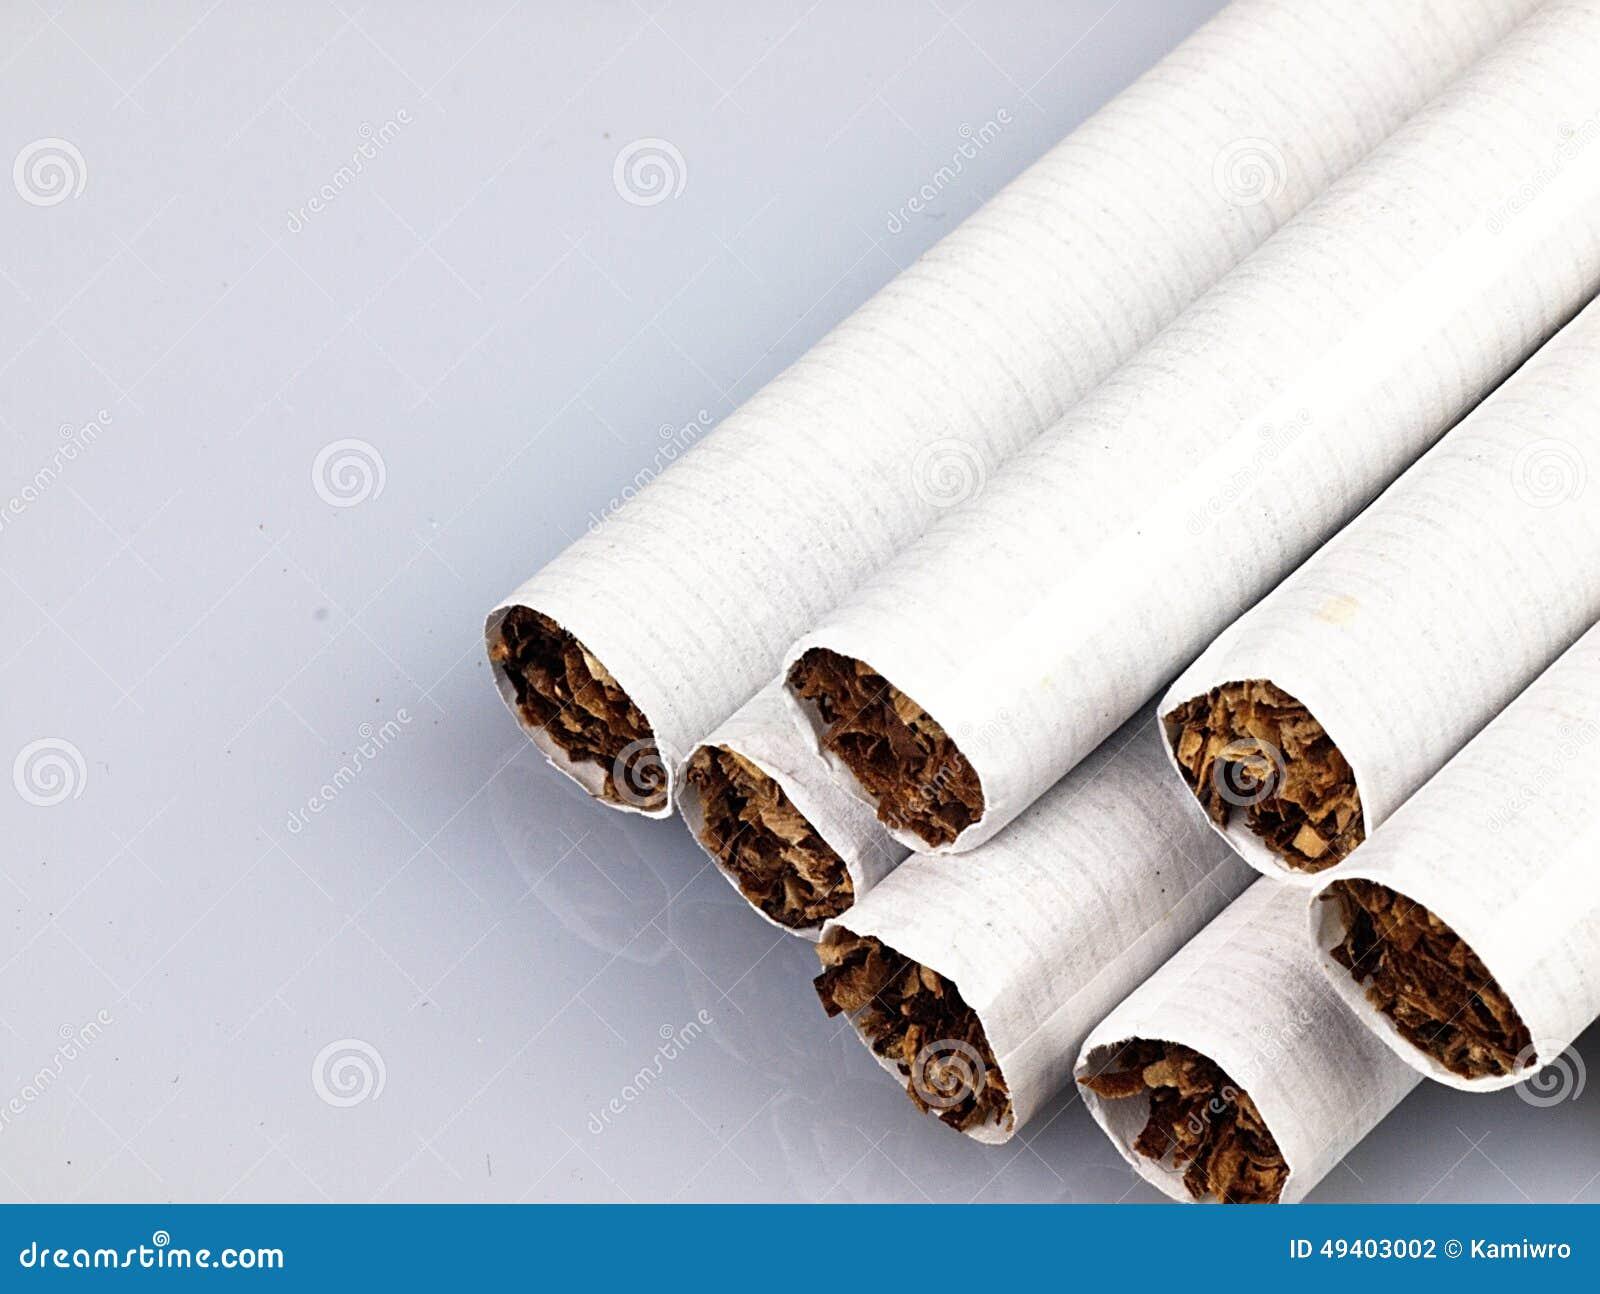 Download Einige Zigaretten Auf Einem Weißen Hintergrund Stockfoto - Bild von nikotin, finanzierung: 49403002